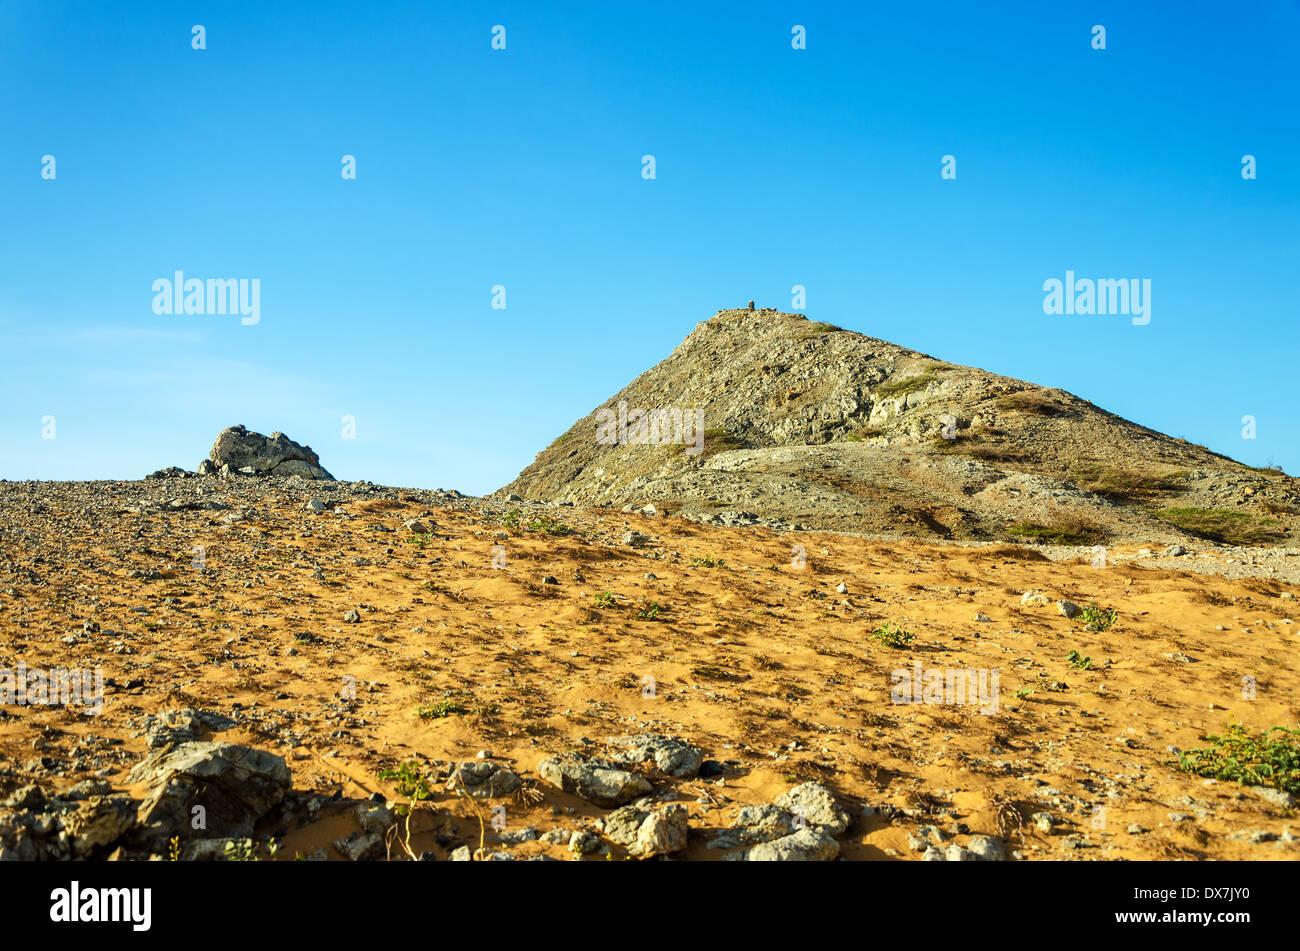 Pilon de Azucar hill rising above a dry barren desert in La Guajira, Colombia - Stock Image